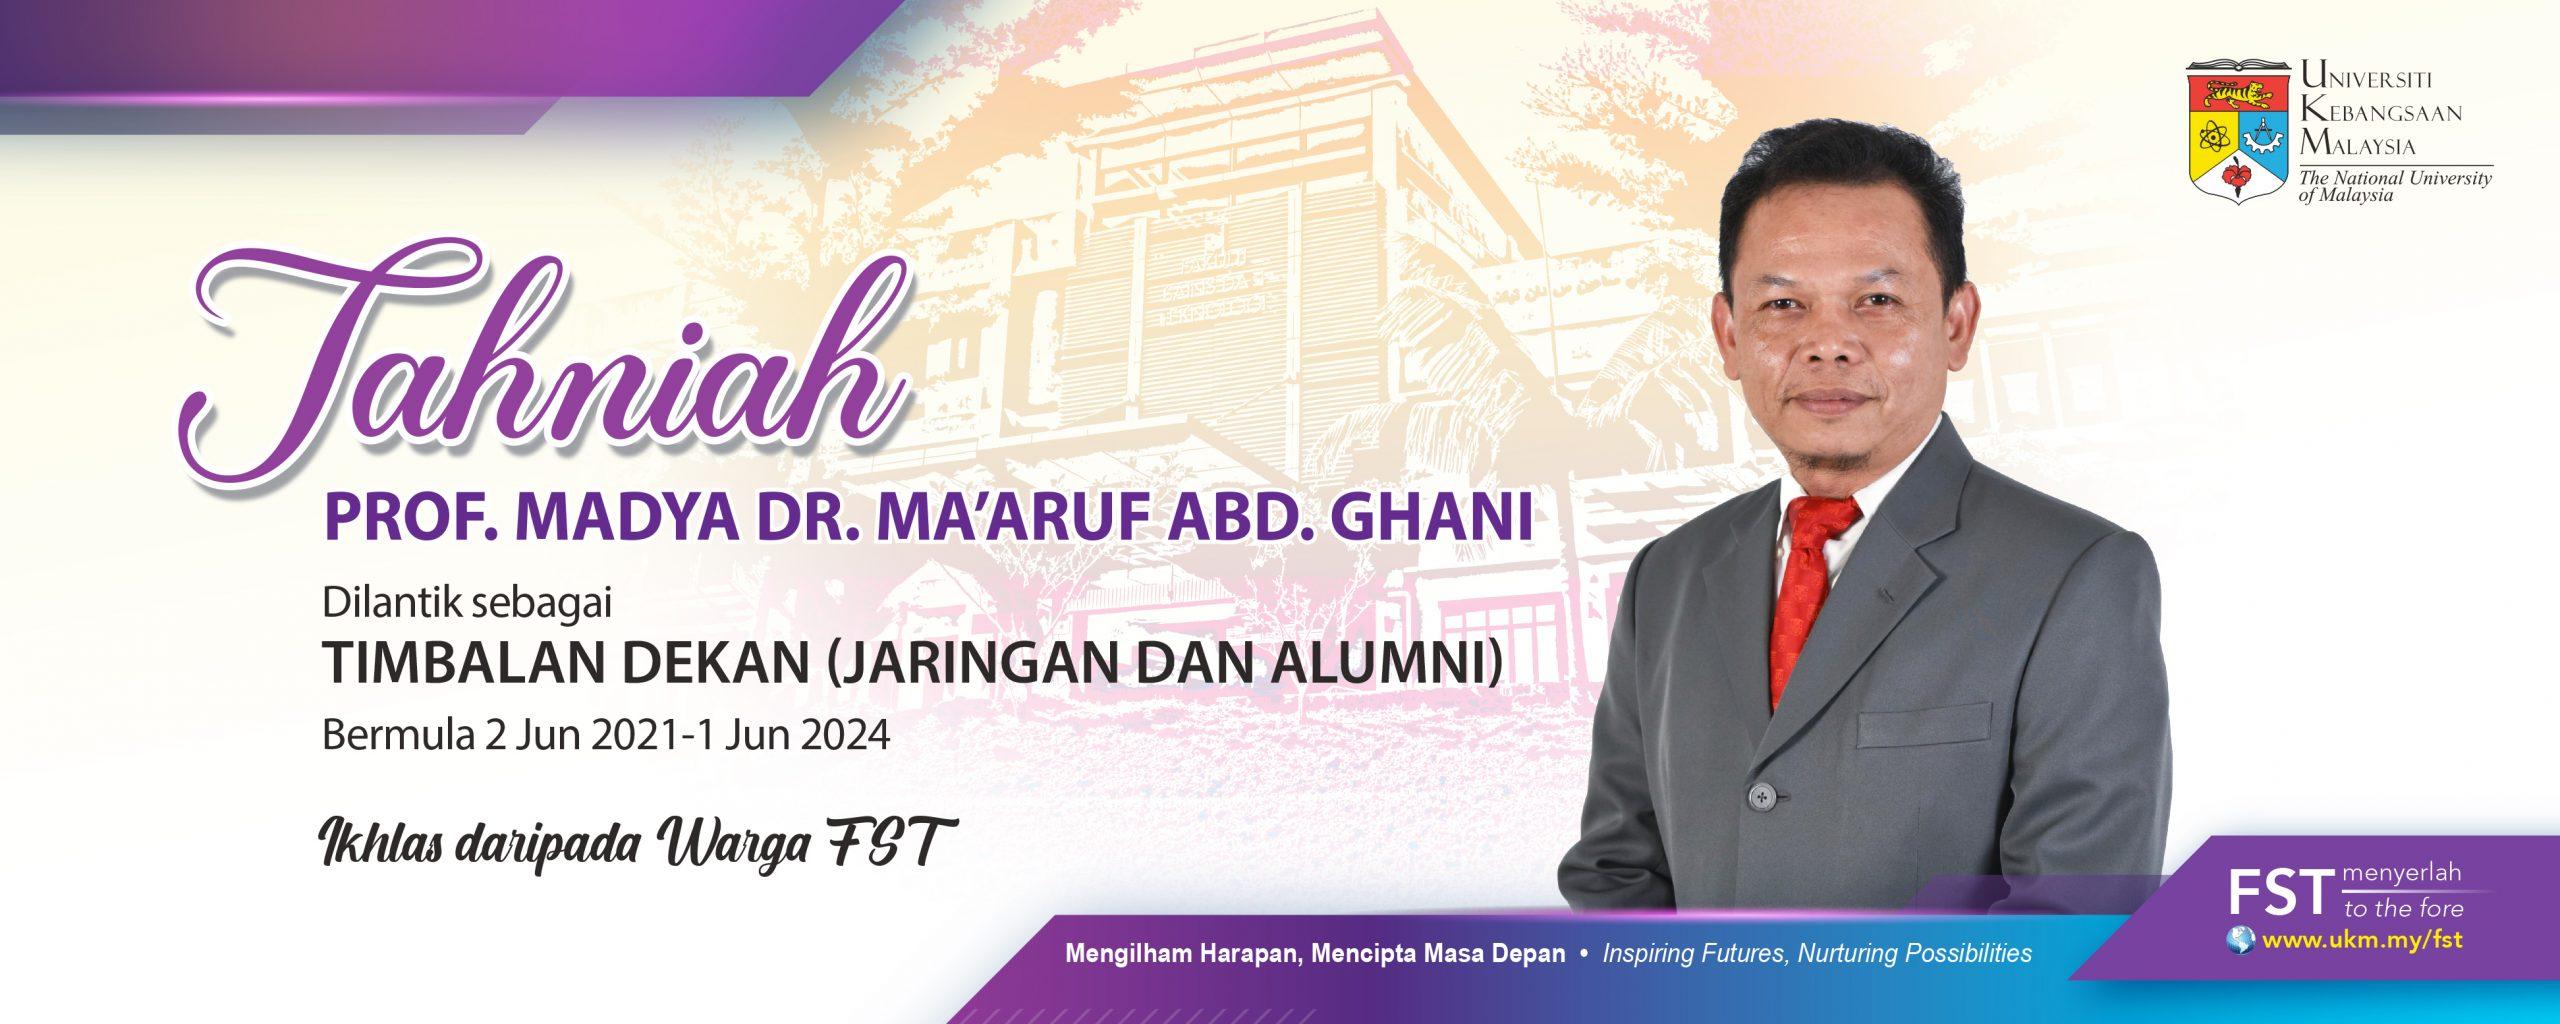 Tahniah Dr Ma'aruf